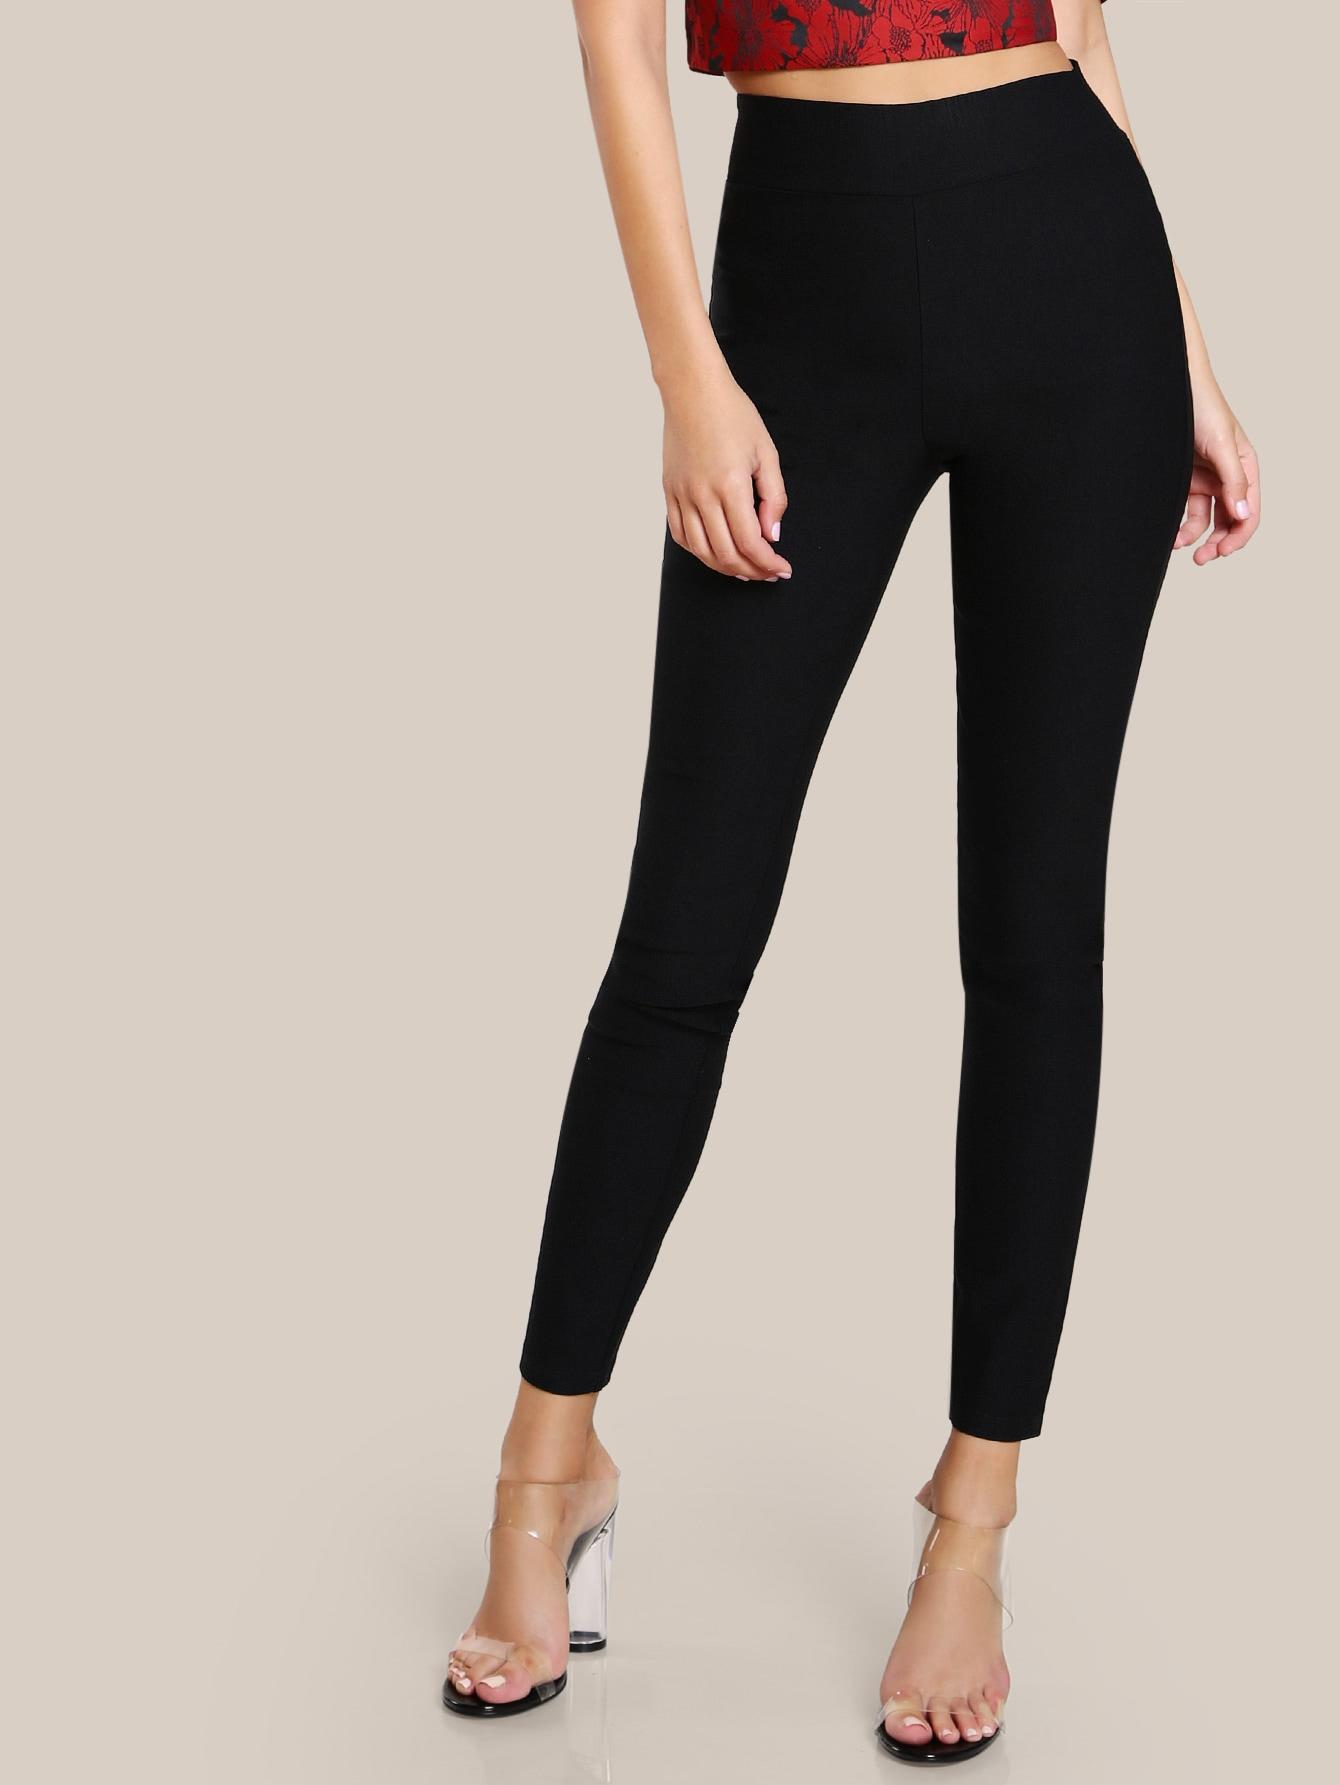 Купить Модные брюки с эластичной талией, Zorana, SheIn